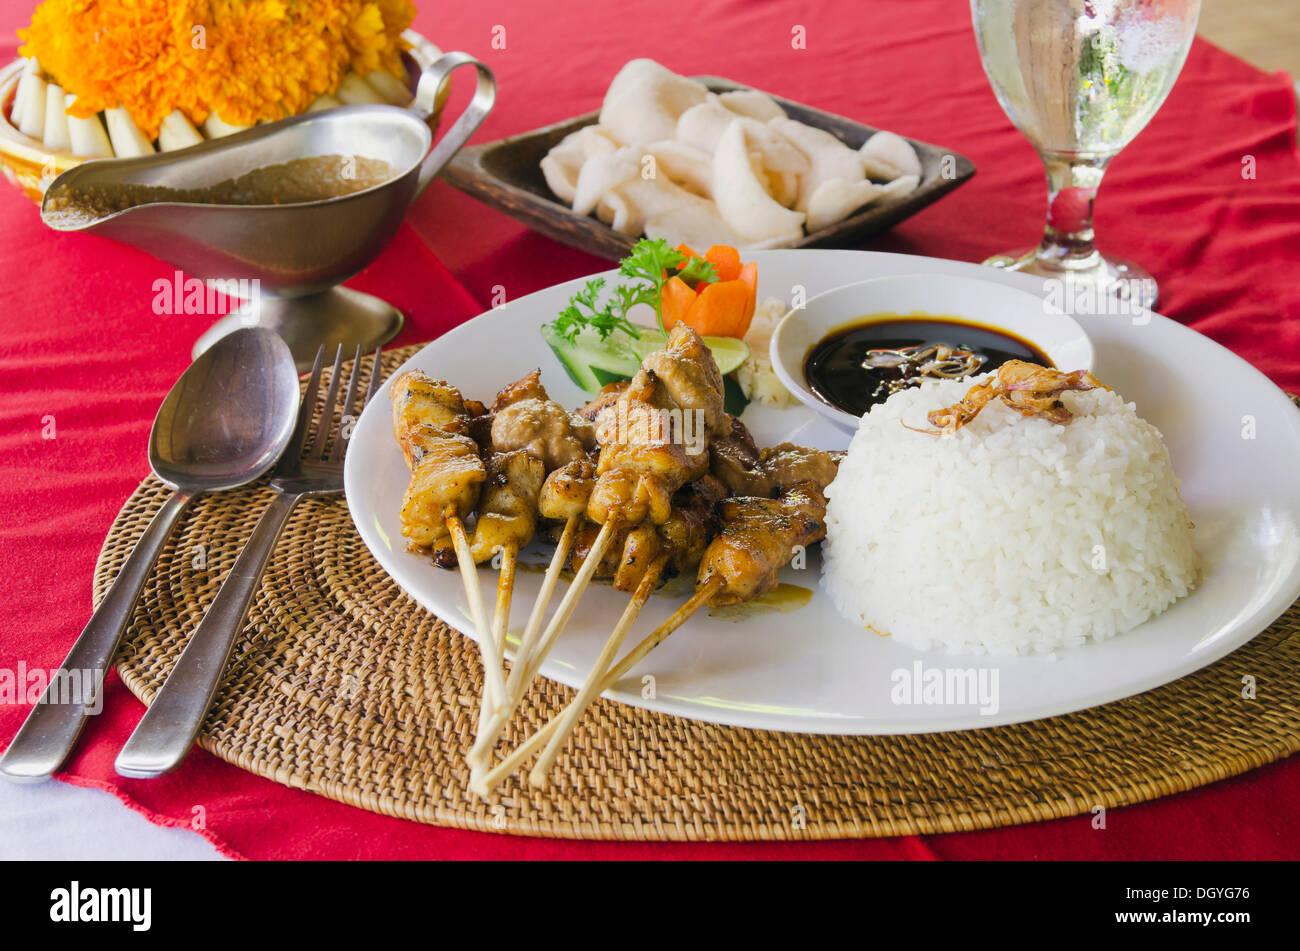 Pollo satay, spiedini di pollo con riso, cucina indonesiana, presso un ristorante, Ubud, Bali, Indonesia Immagini Stock